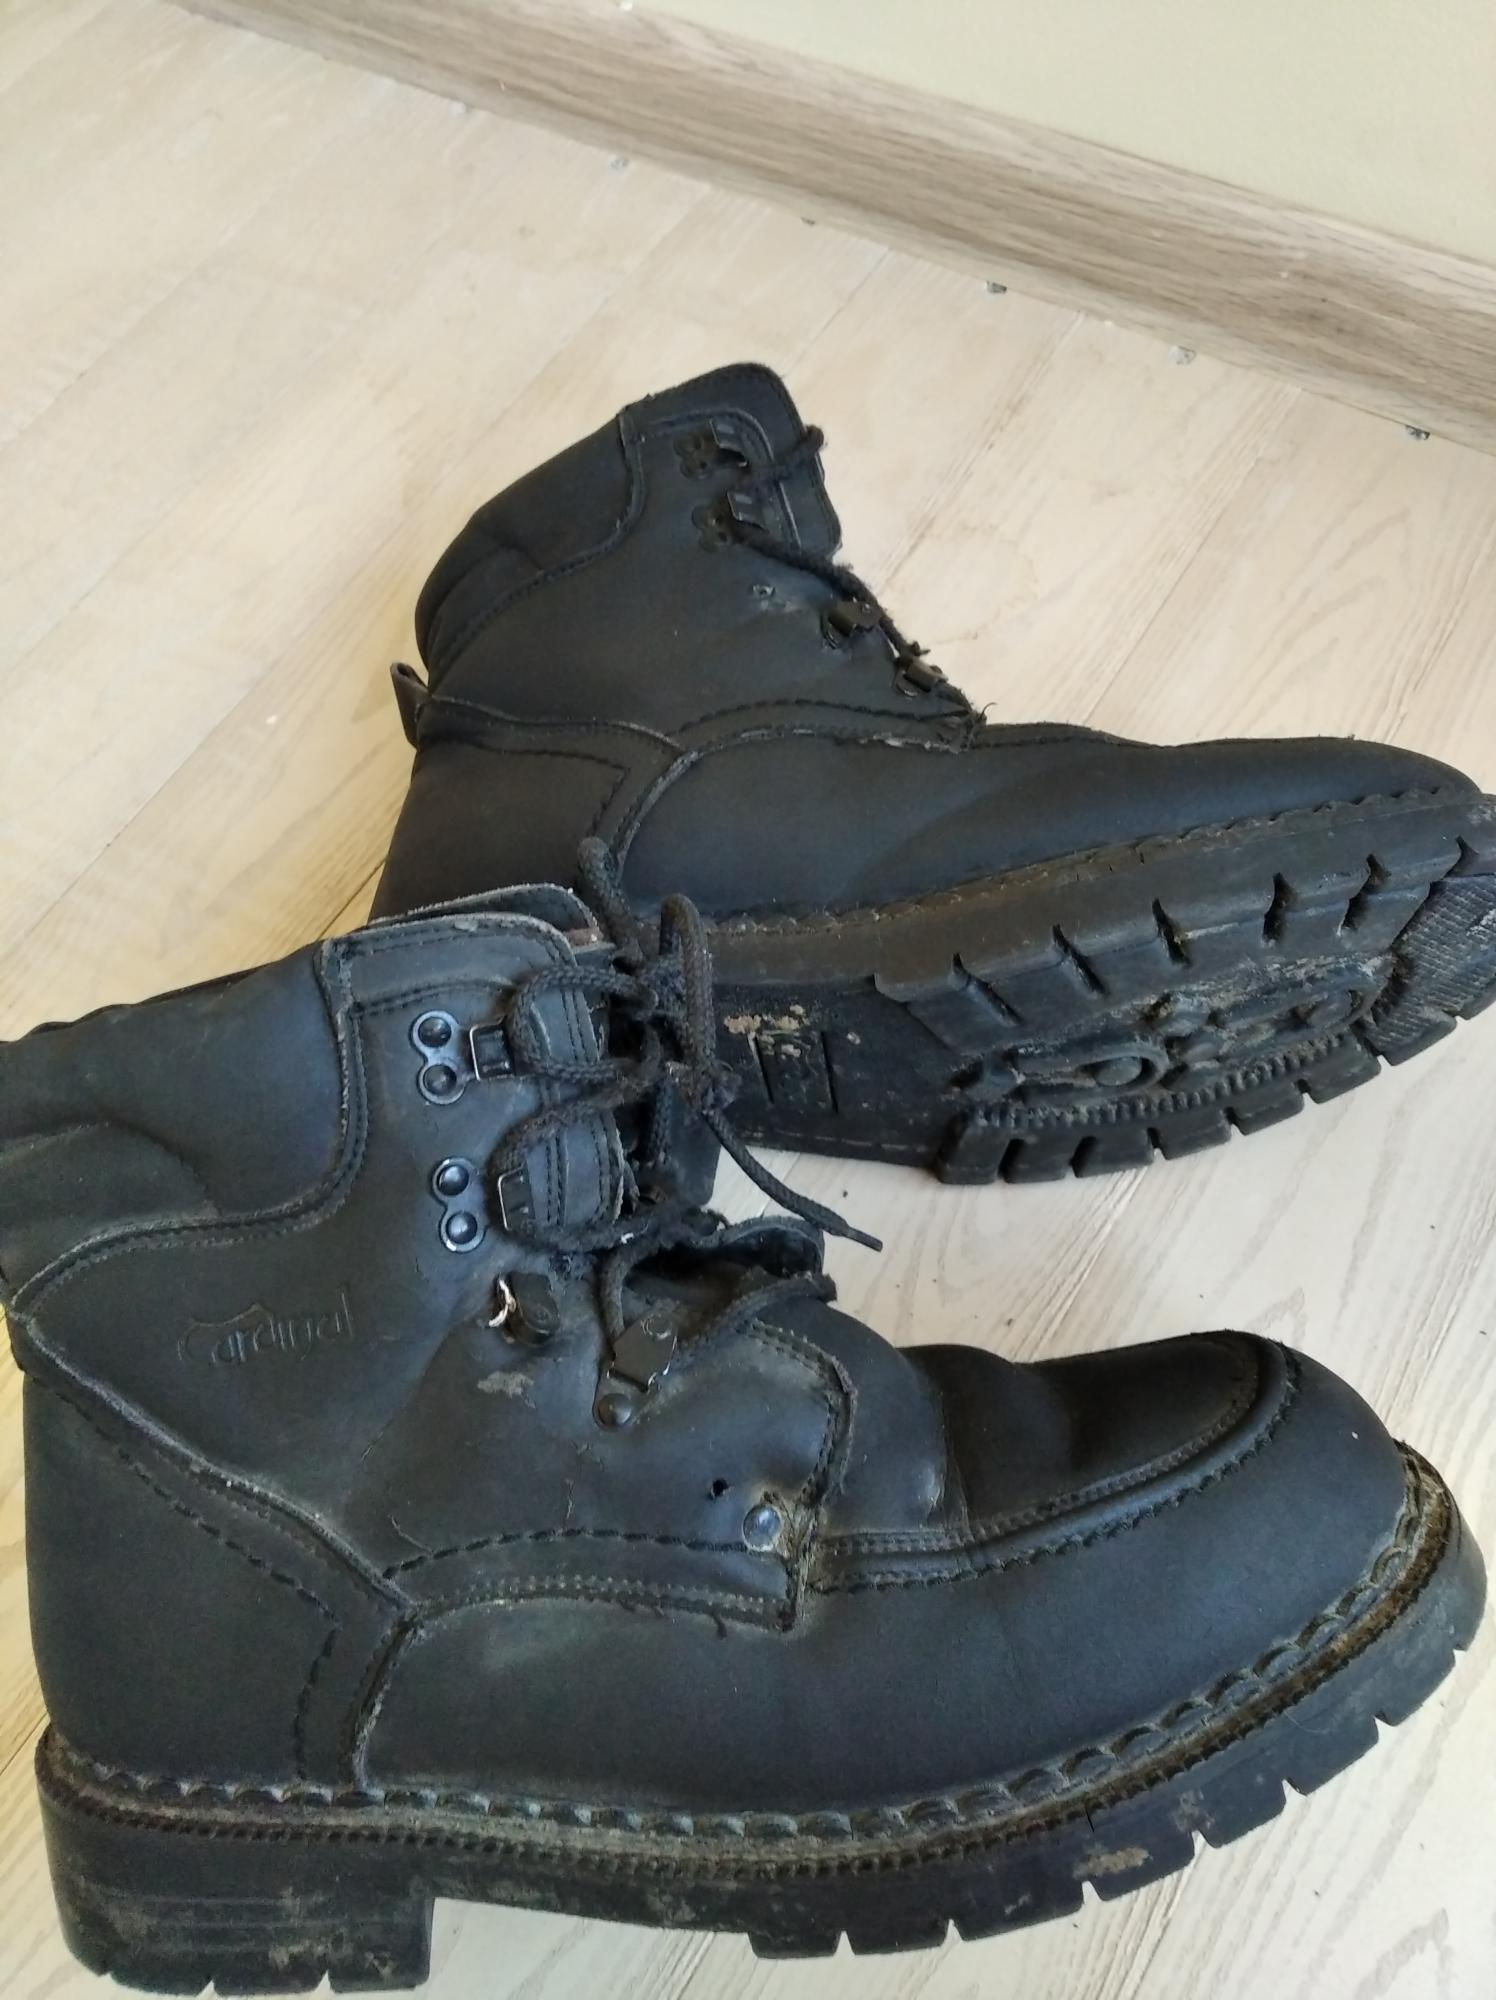 Ботинки в Тюмени 89088740737 купить 4